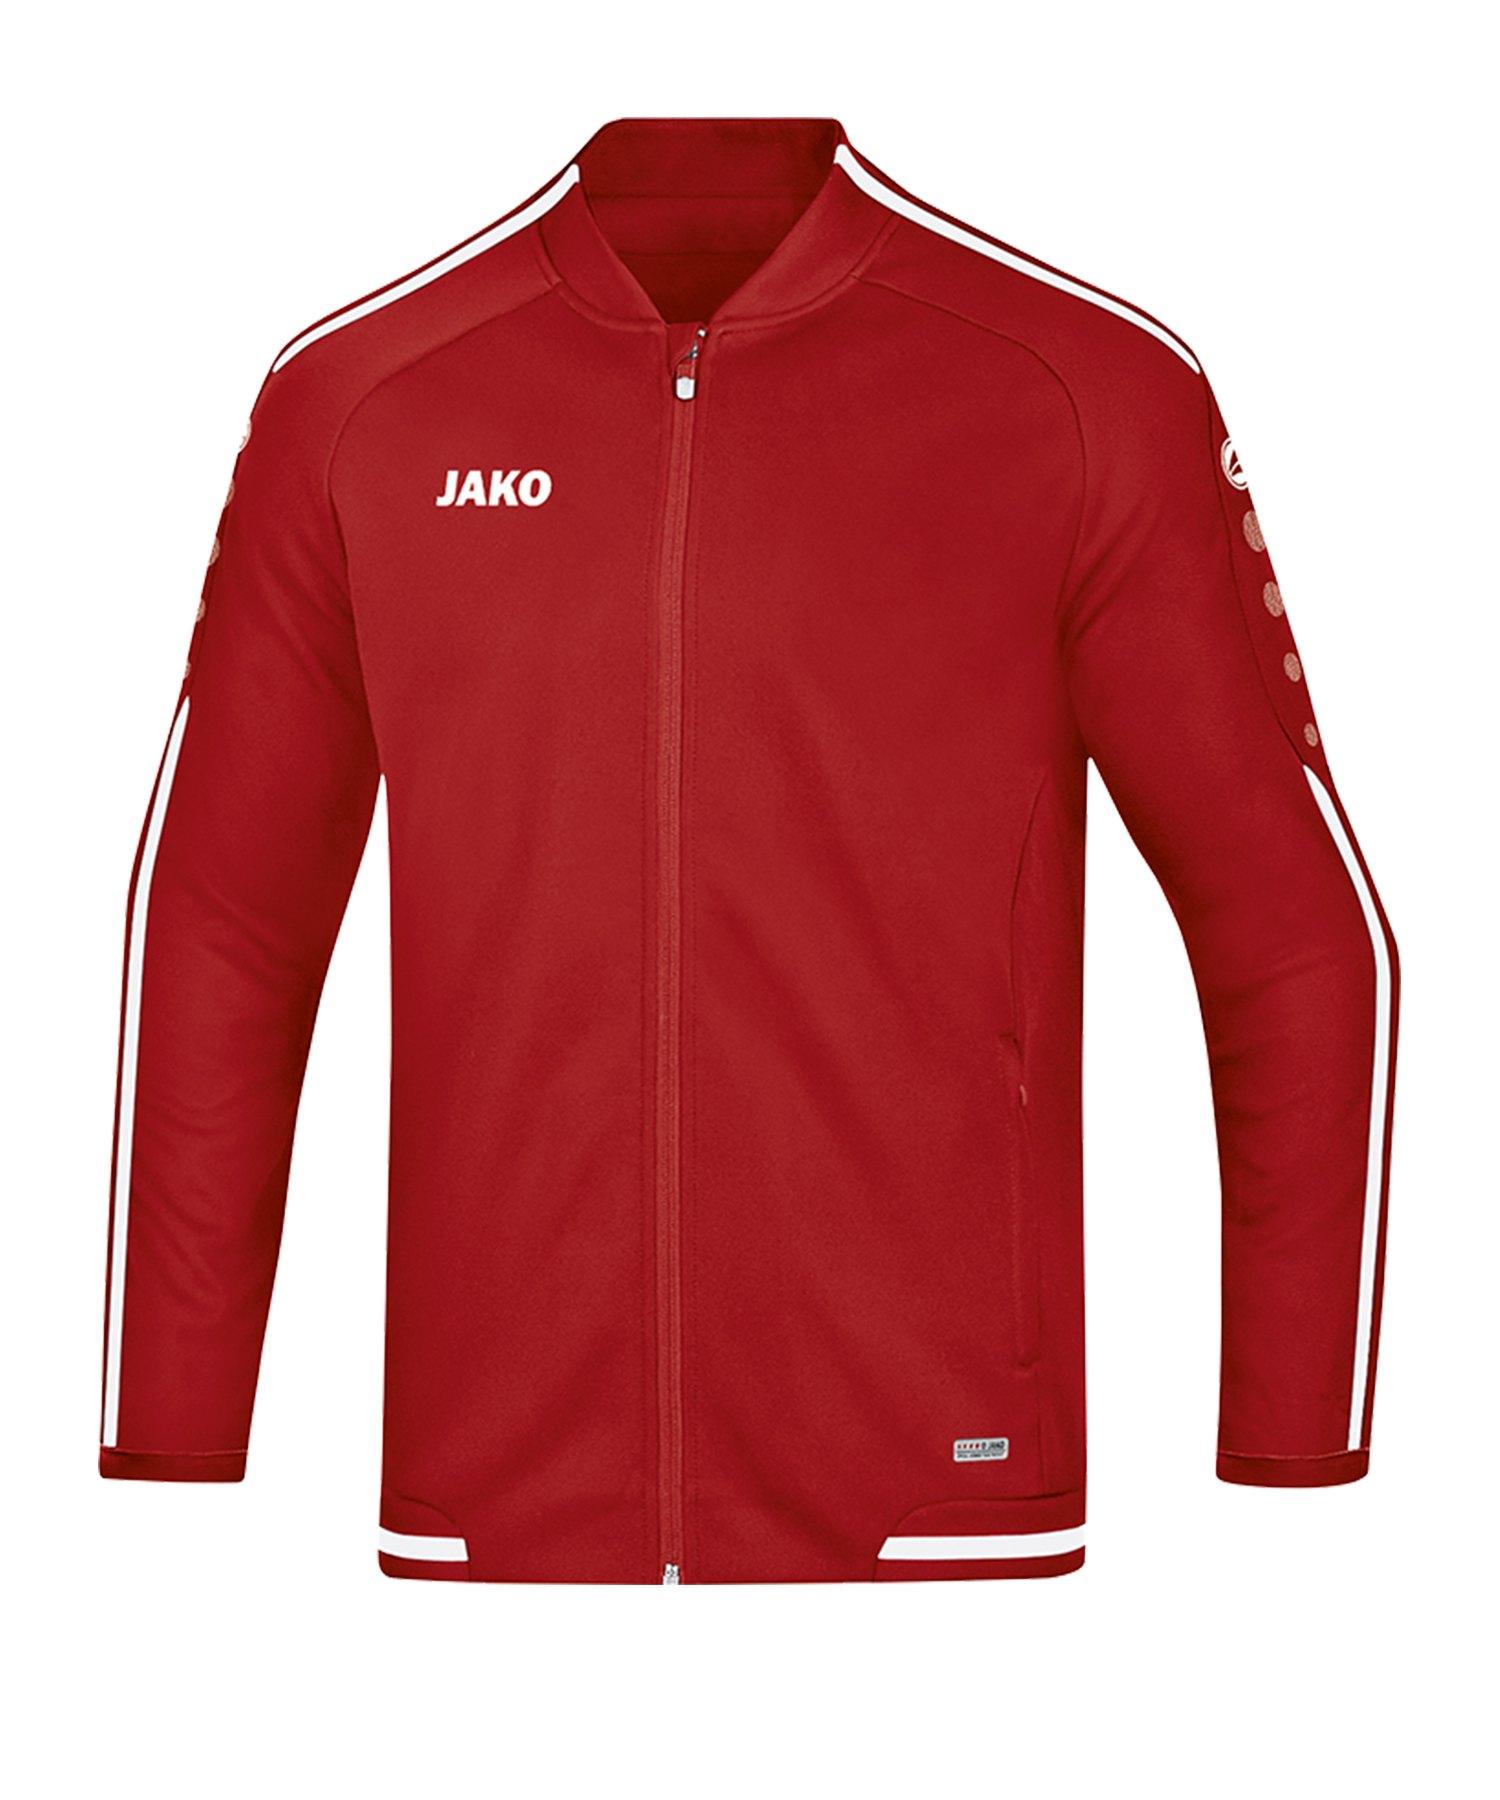 Jako Striker 2.0 Freizeitjacke Rot Weiss F11 - Rot